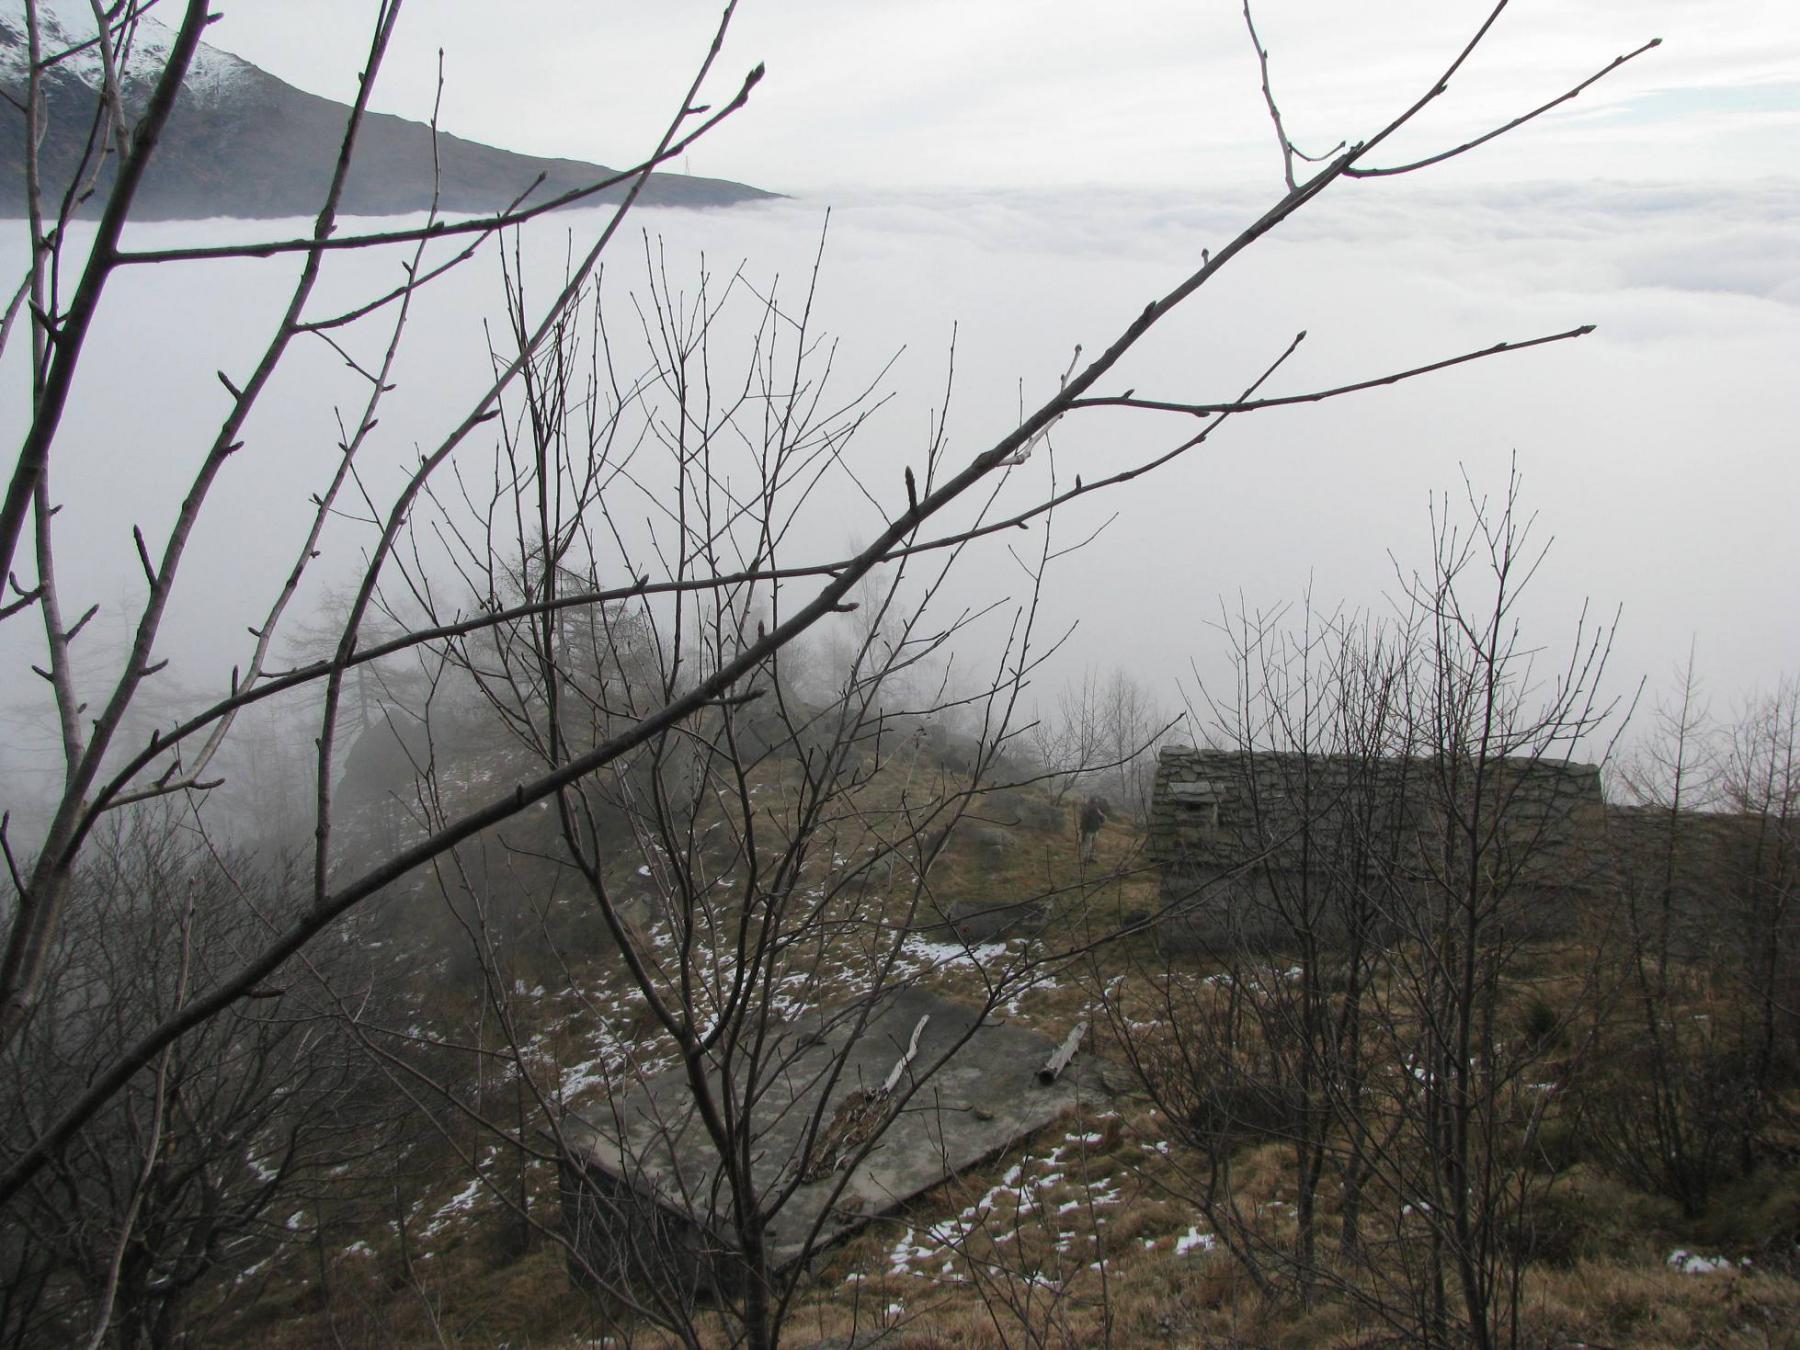 A Pian Martino usciamo dalla nebbia